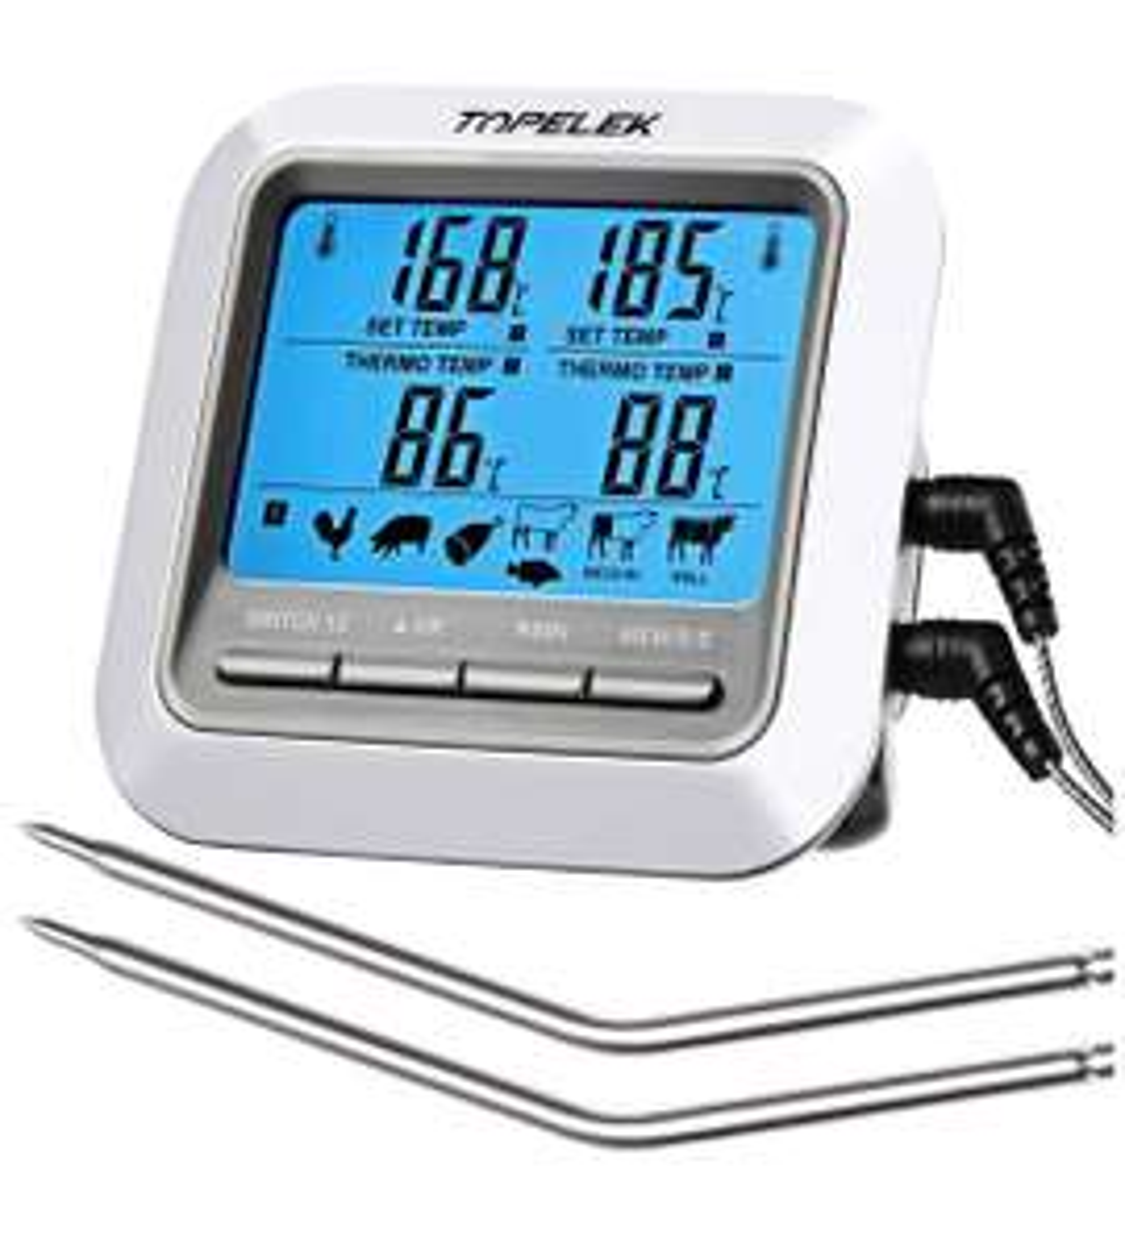 [Prime] Topelek Grillthermometer mit 2 Sonden mit Gutschein für 9,99€ statt 15,99€ (+ Versand falls kein Prime)